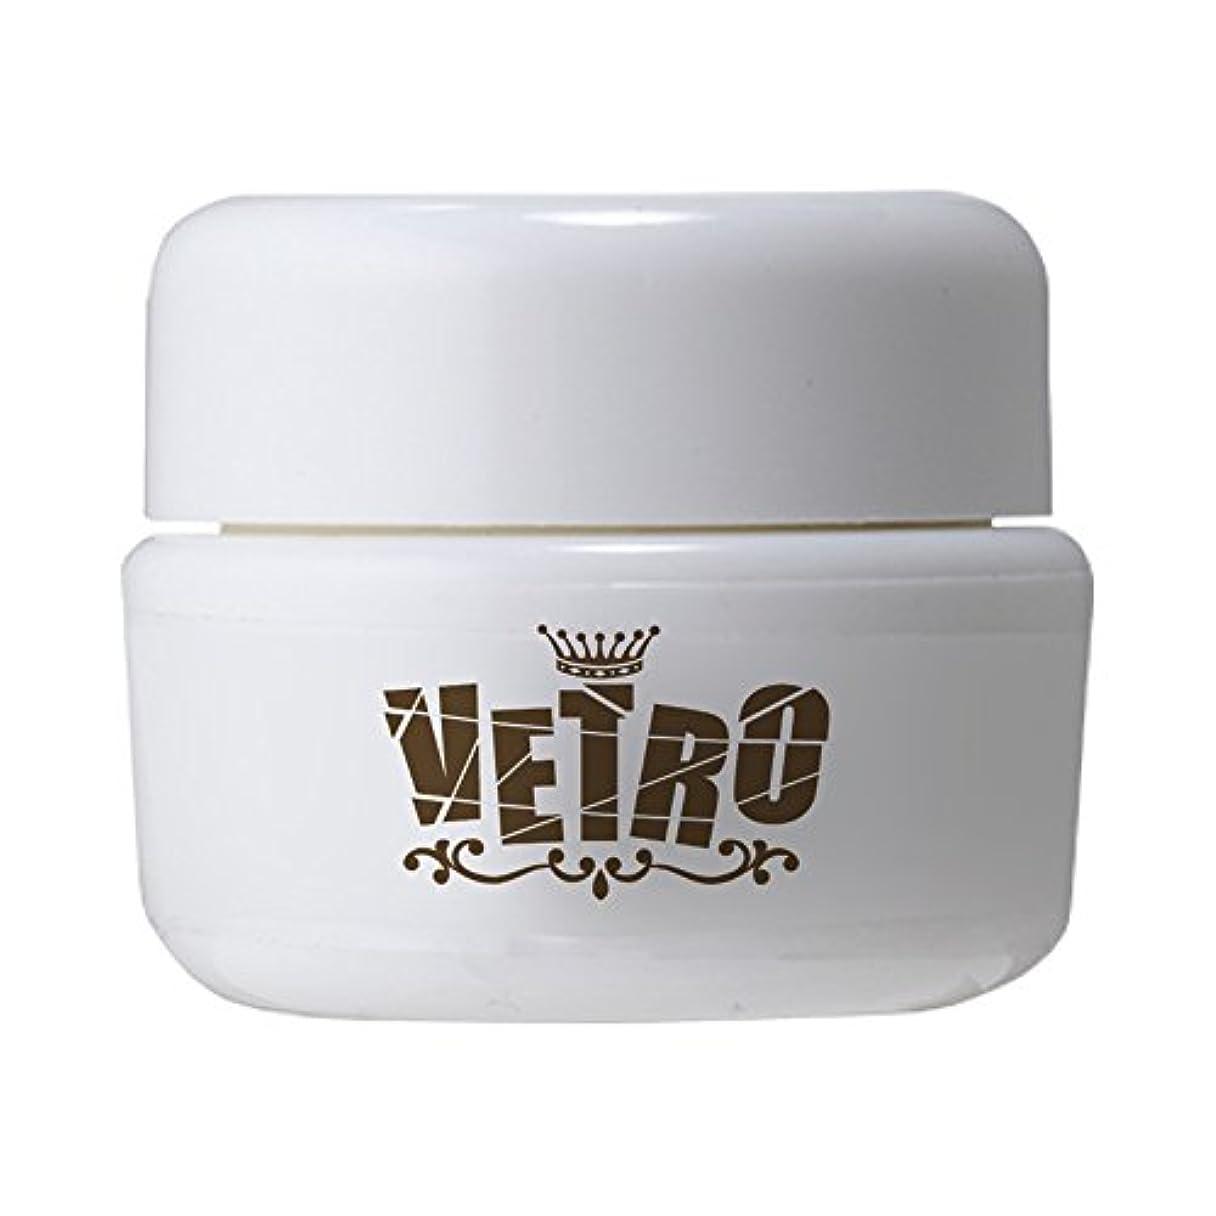 空気ちっちゃい連邦VETRO No.19 カラージェル マット VL389 エキゾチックレッド 4ml